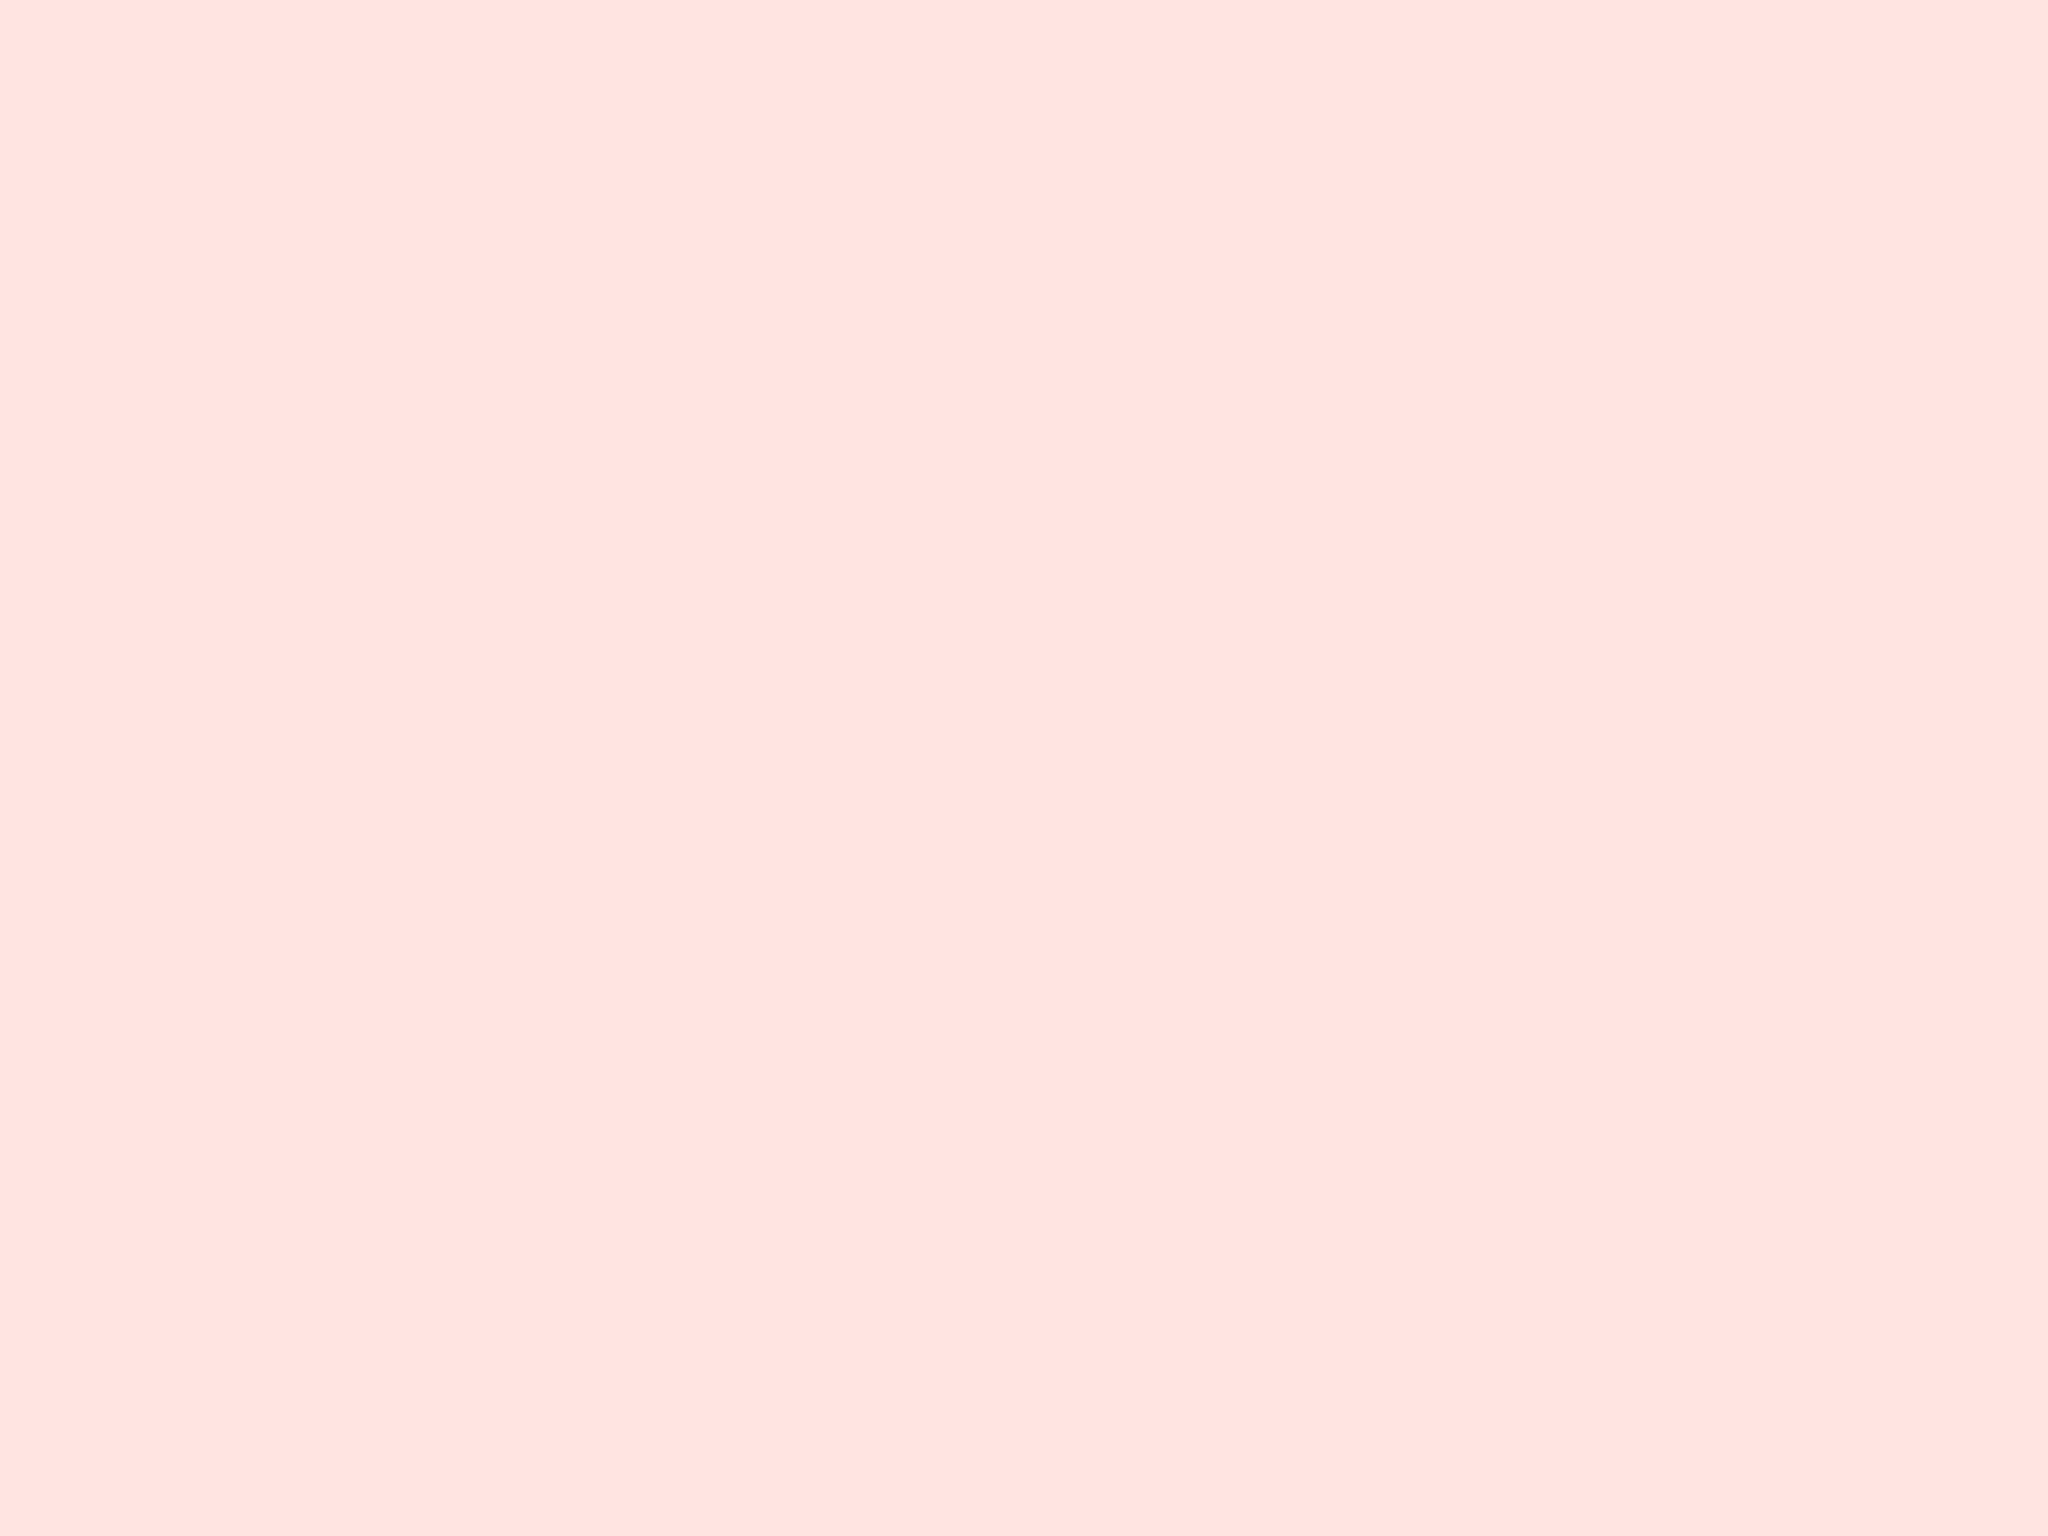 2048x1536 Misty Rose Solid Color Background